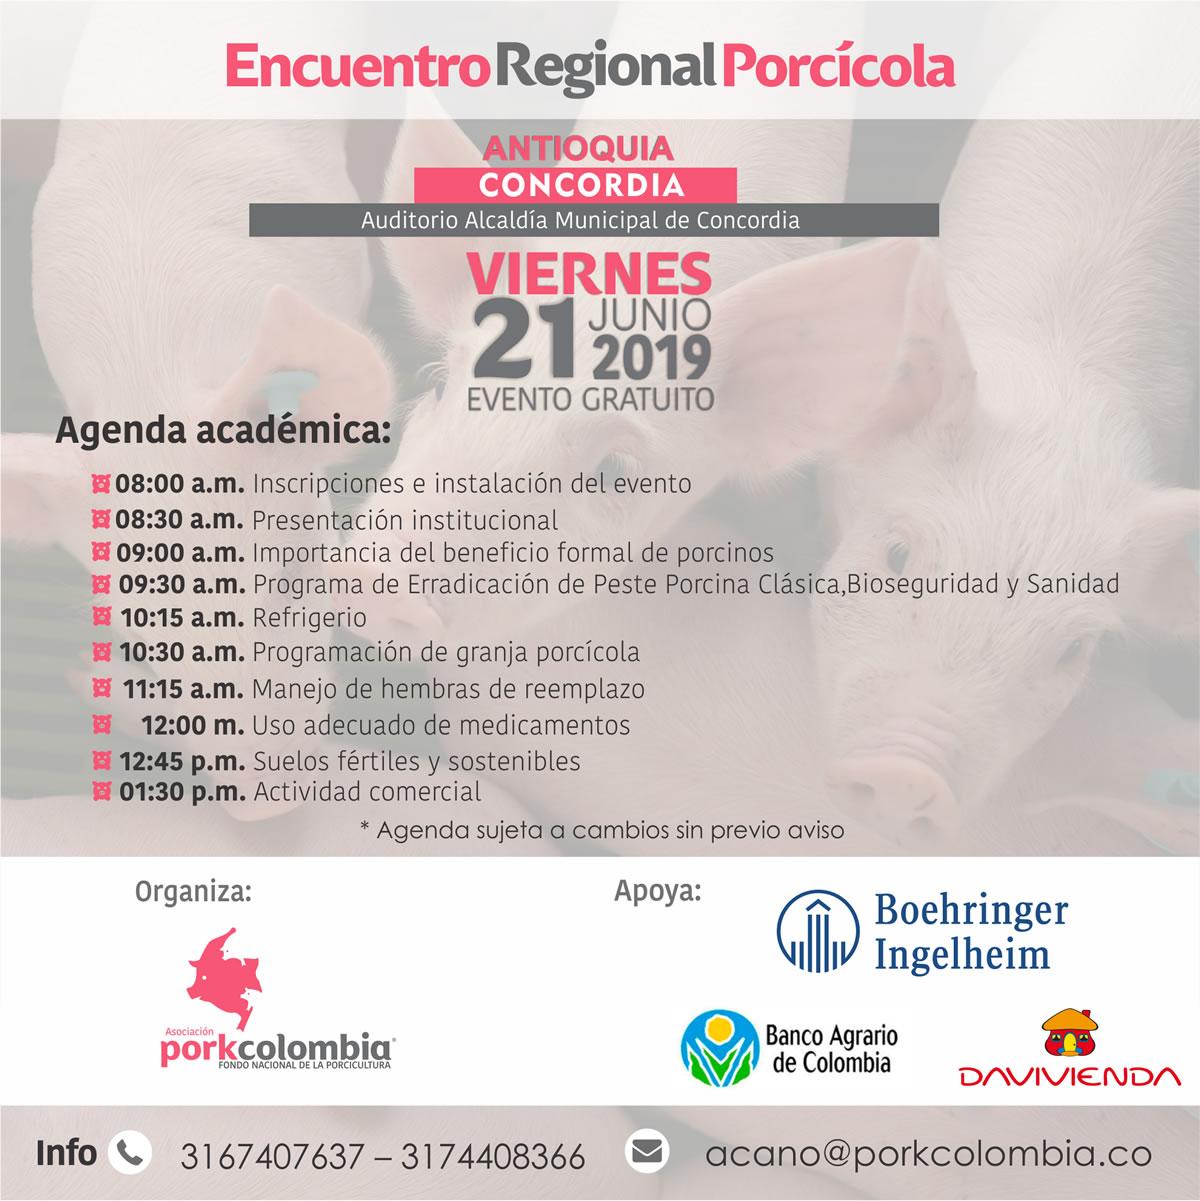 https://www.porkcolombia.co/wp-content/uploads/2019/06/Agenda_21dejunio__concordia.jpg